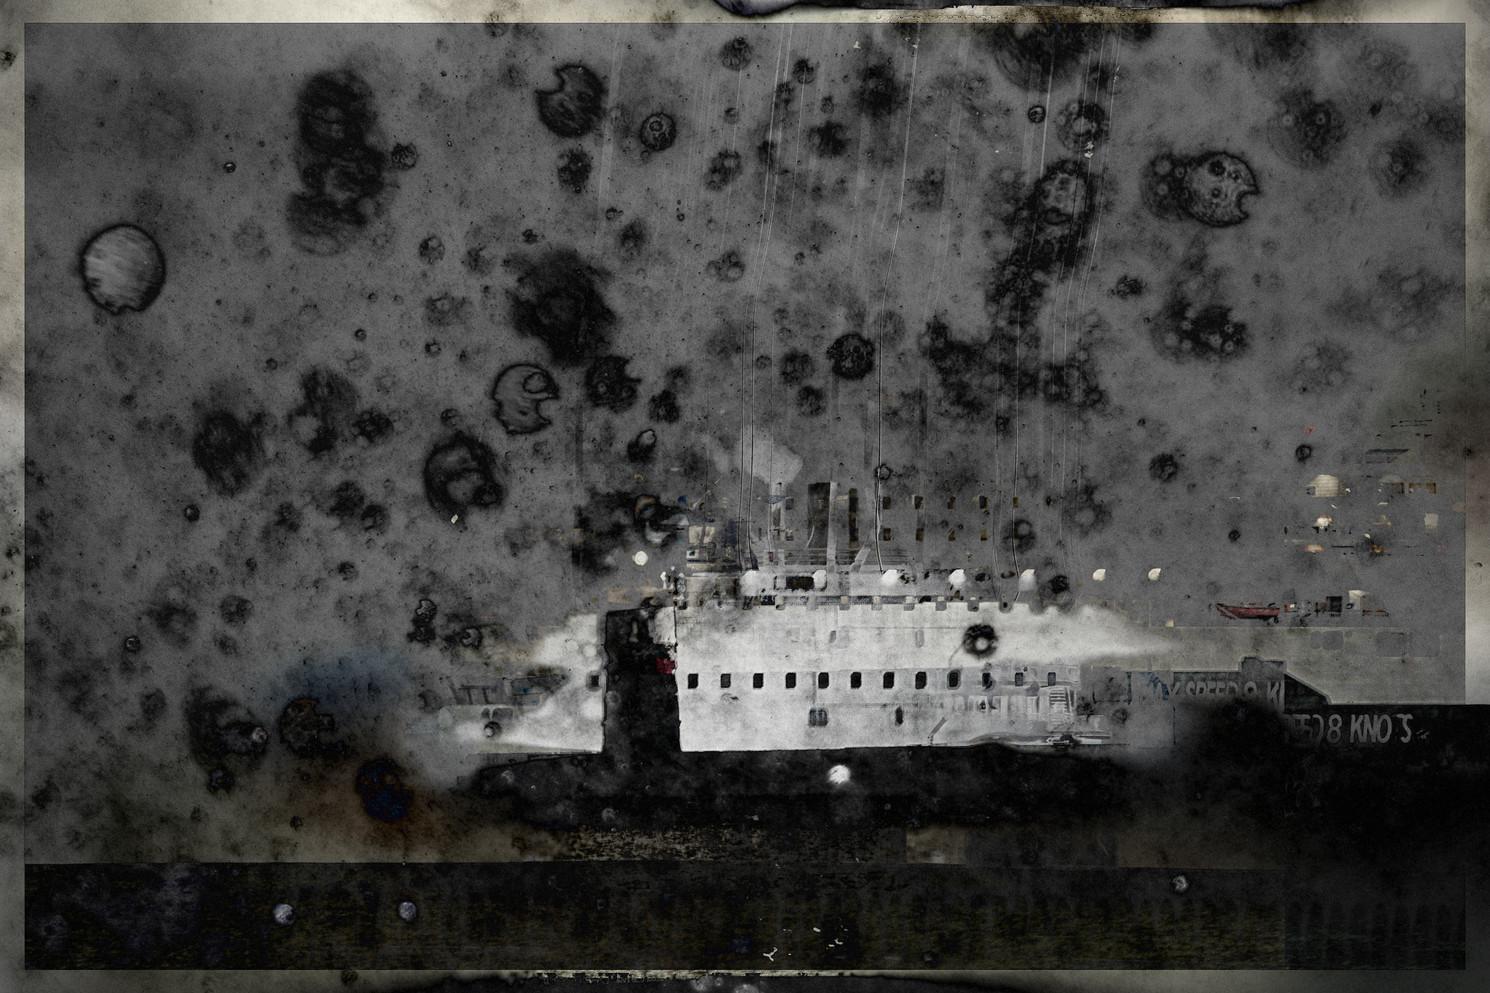 Departure 008a